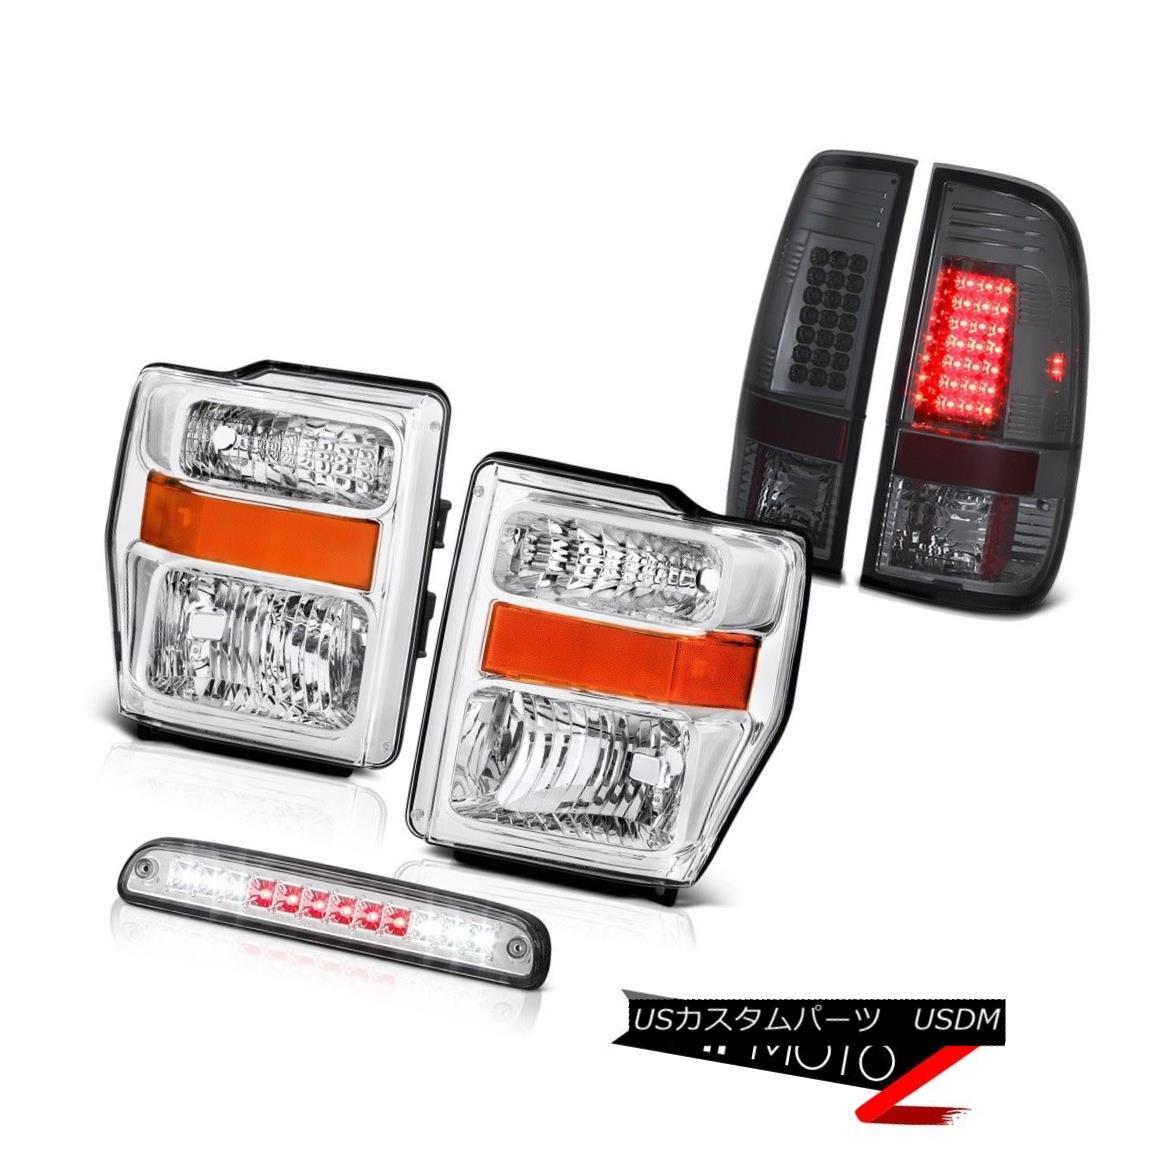 ヘッドライト Pair Chrome Headlight High Brake Cargo LED Smoke Lamp 08-10 F350 Harley Davidson ペアクロームヘッドライト高ブレーキ貨物LED煙ランプ08-10 F350ハーレーダビッドソン